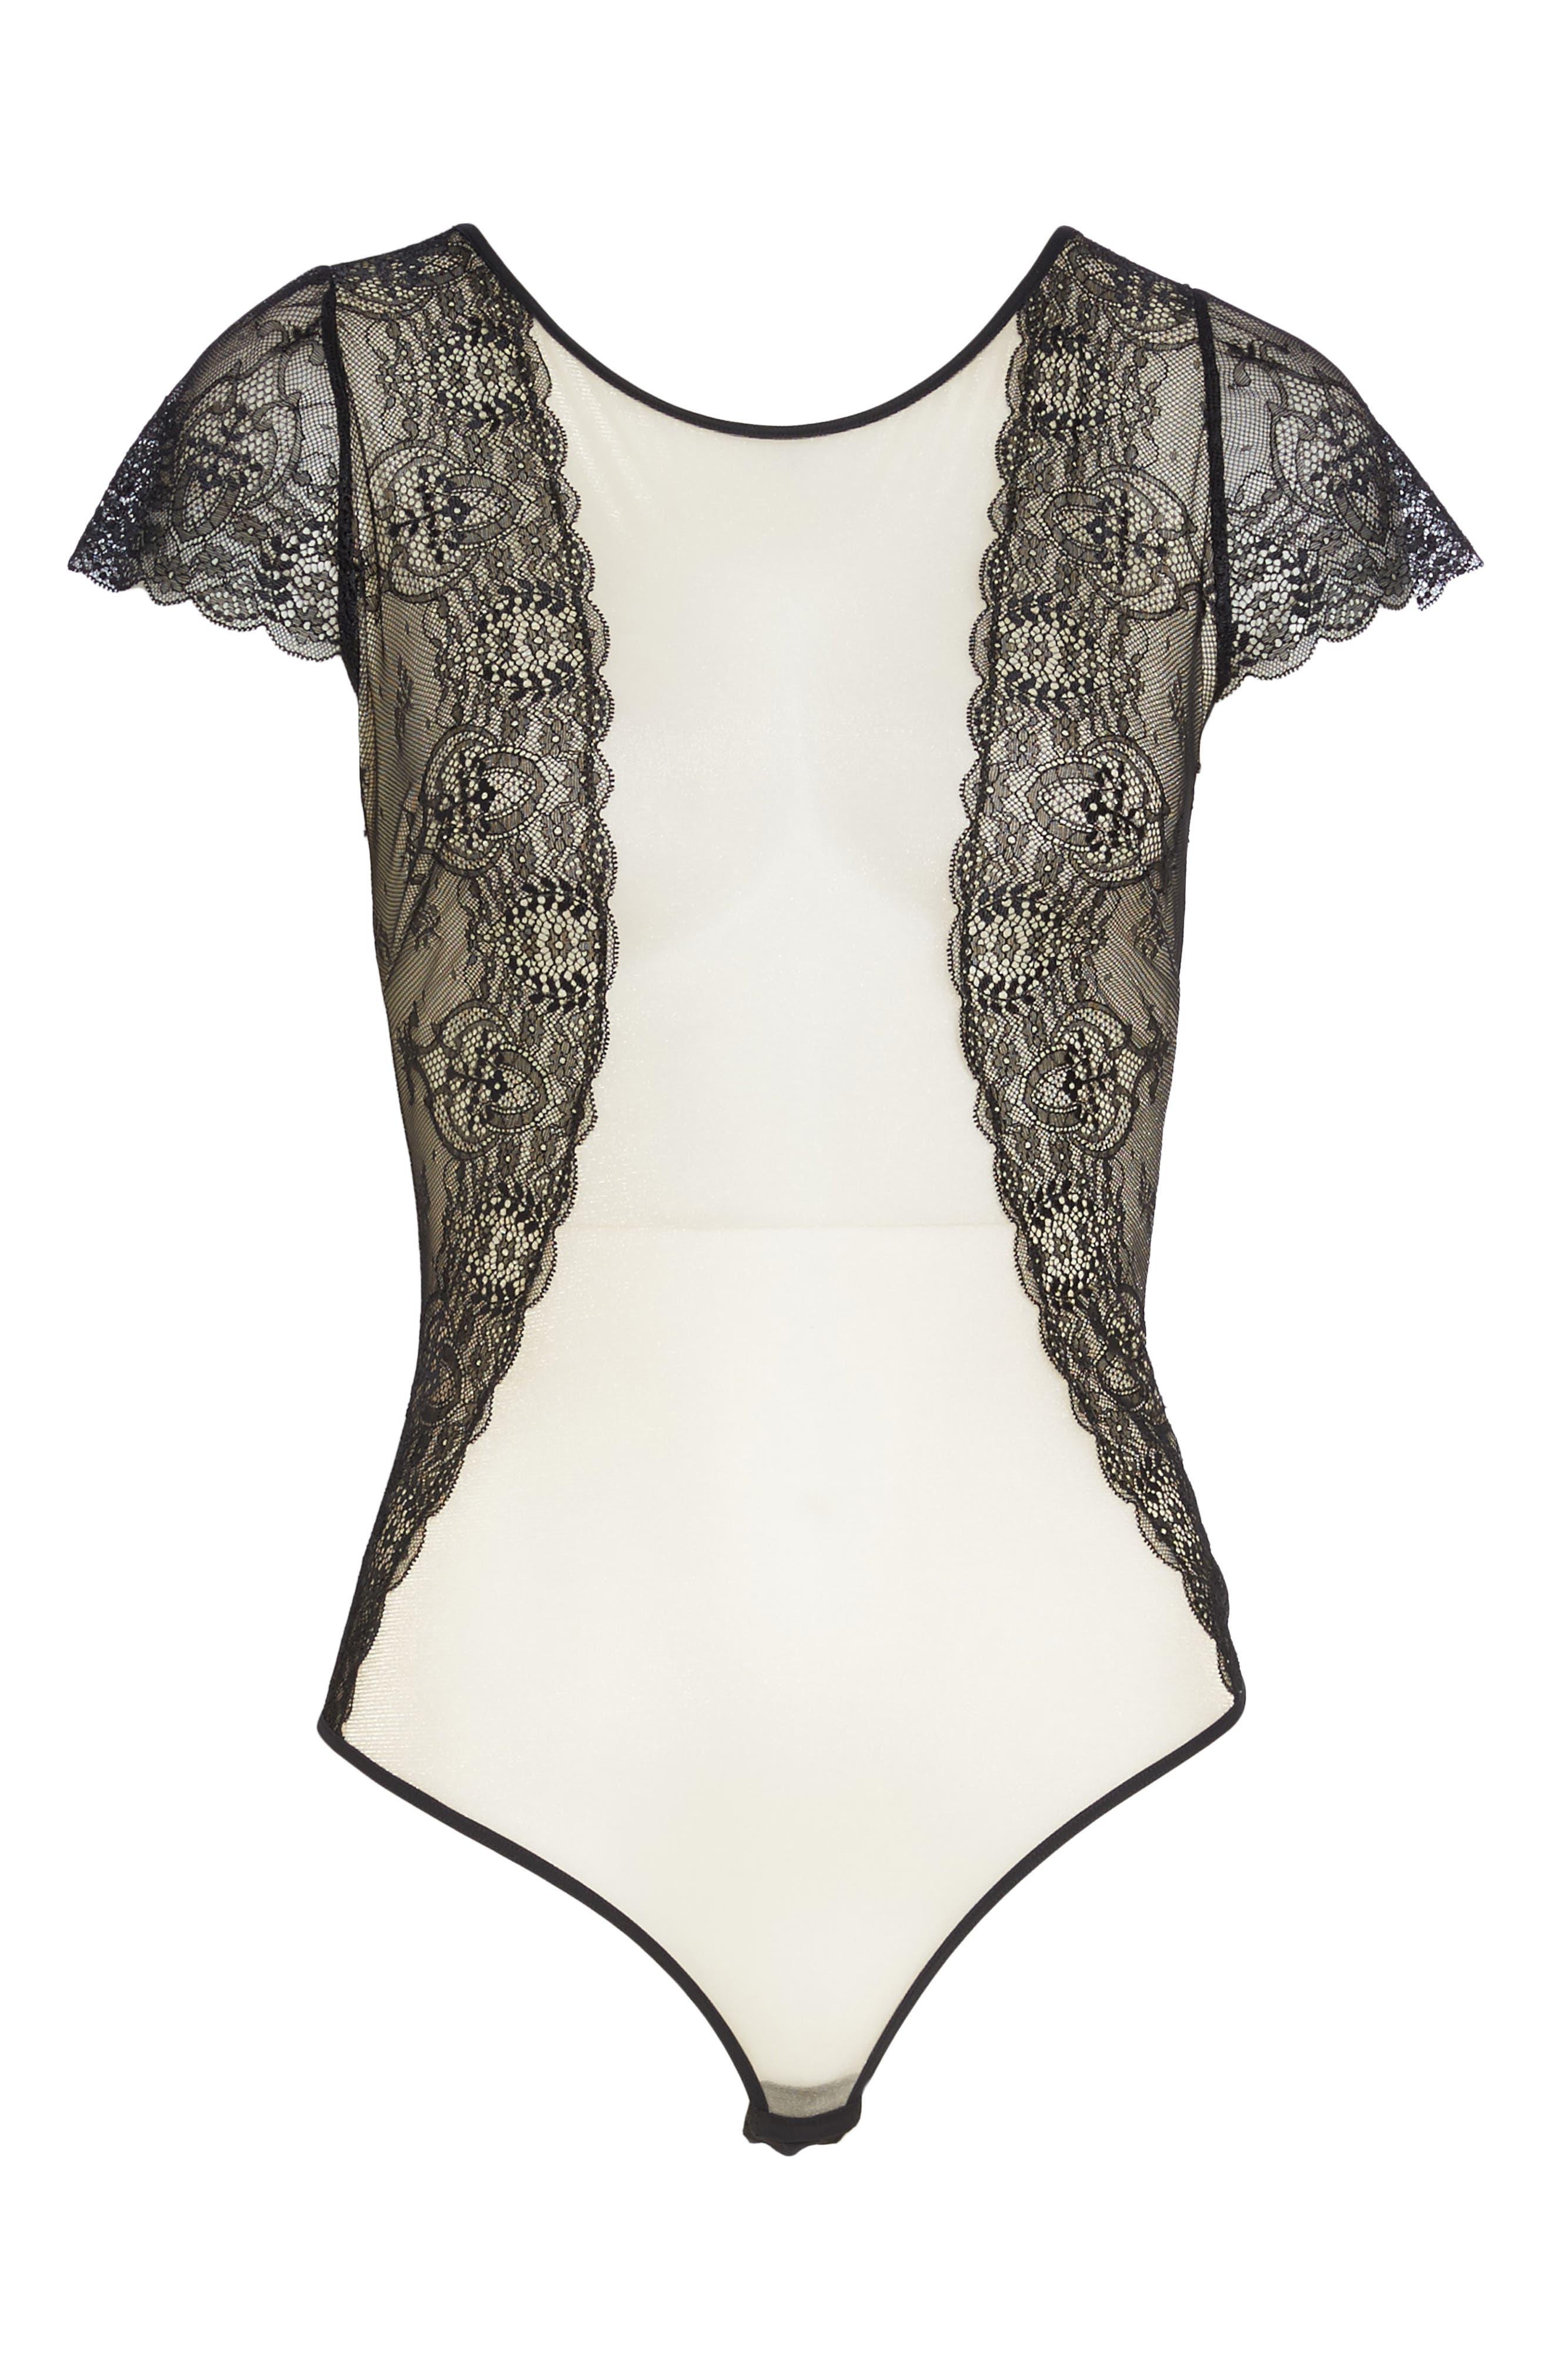 L'Antichambre Mesh & Lace Thong Bodysuit,                             Alternate thumbnail 4, color,                             Black / Nude